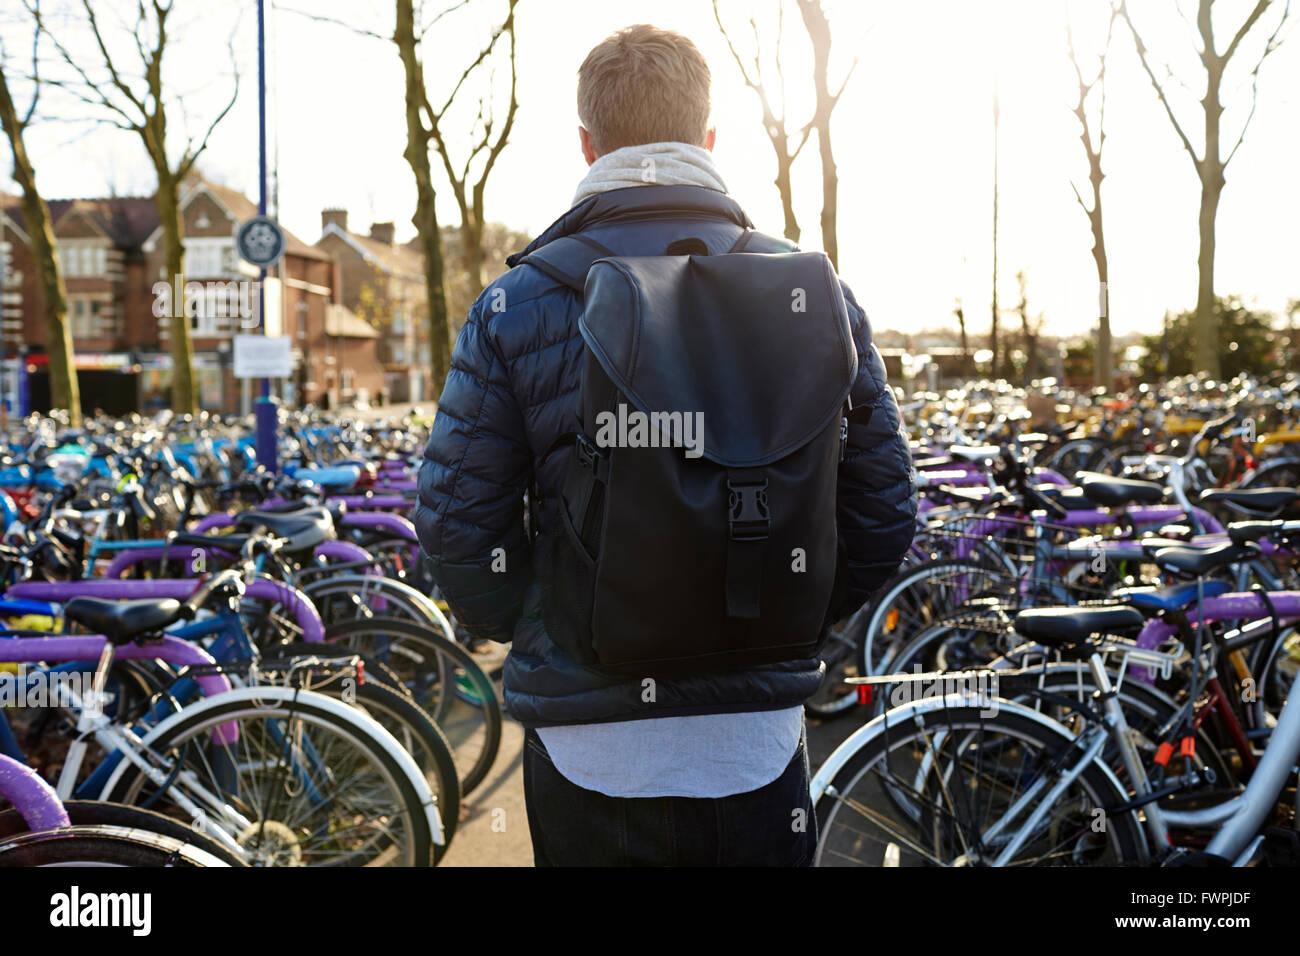 Vista trasera del hombre dejando en moto Cycle Park en la Estación de Tren Imagen De Stock